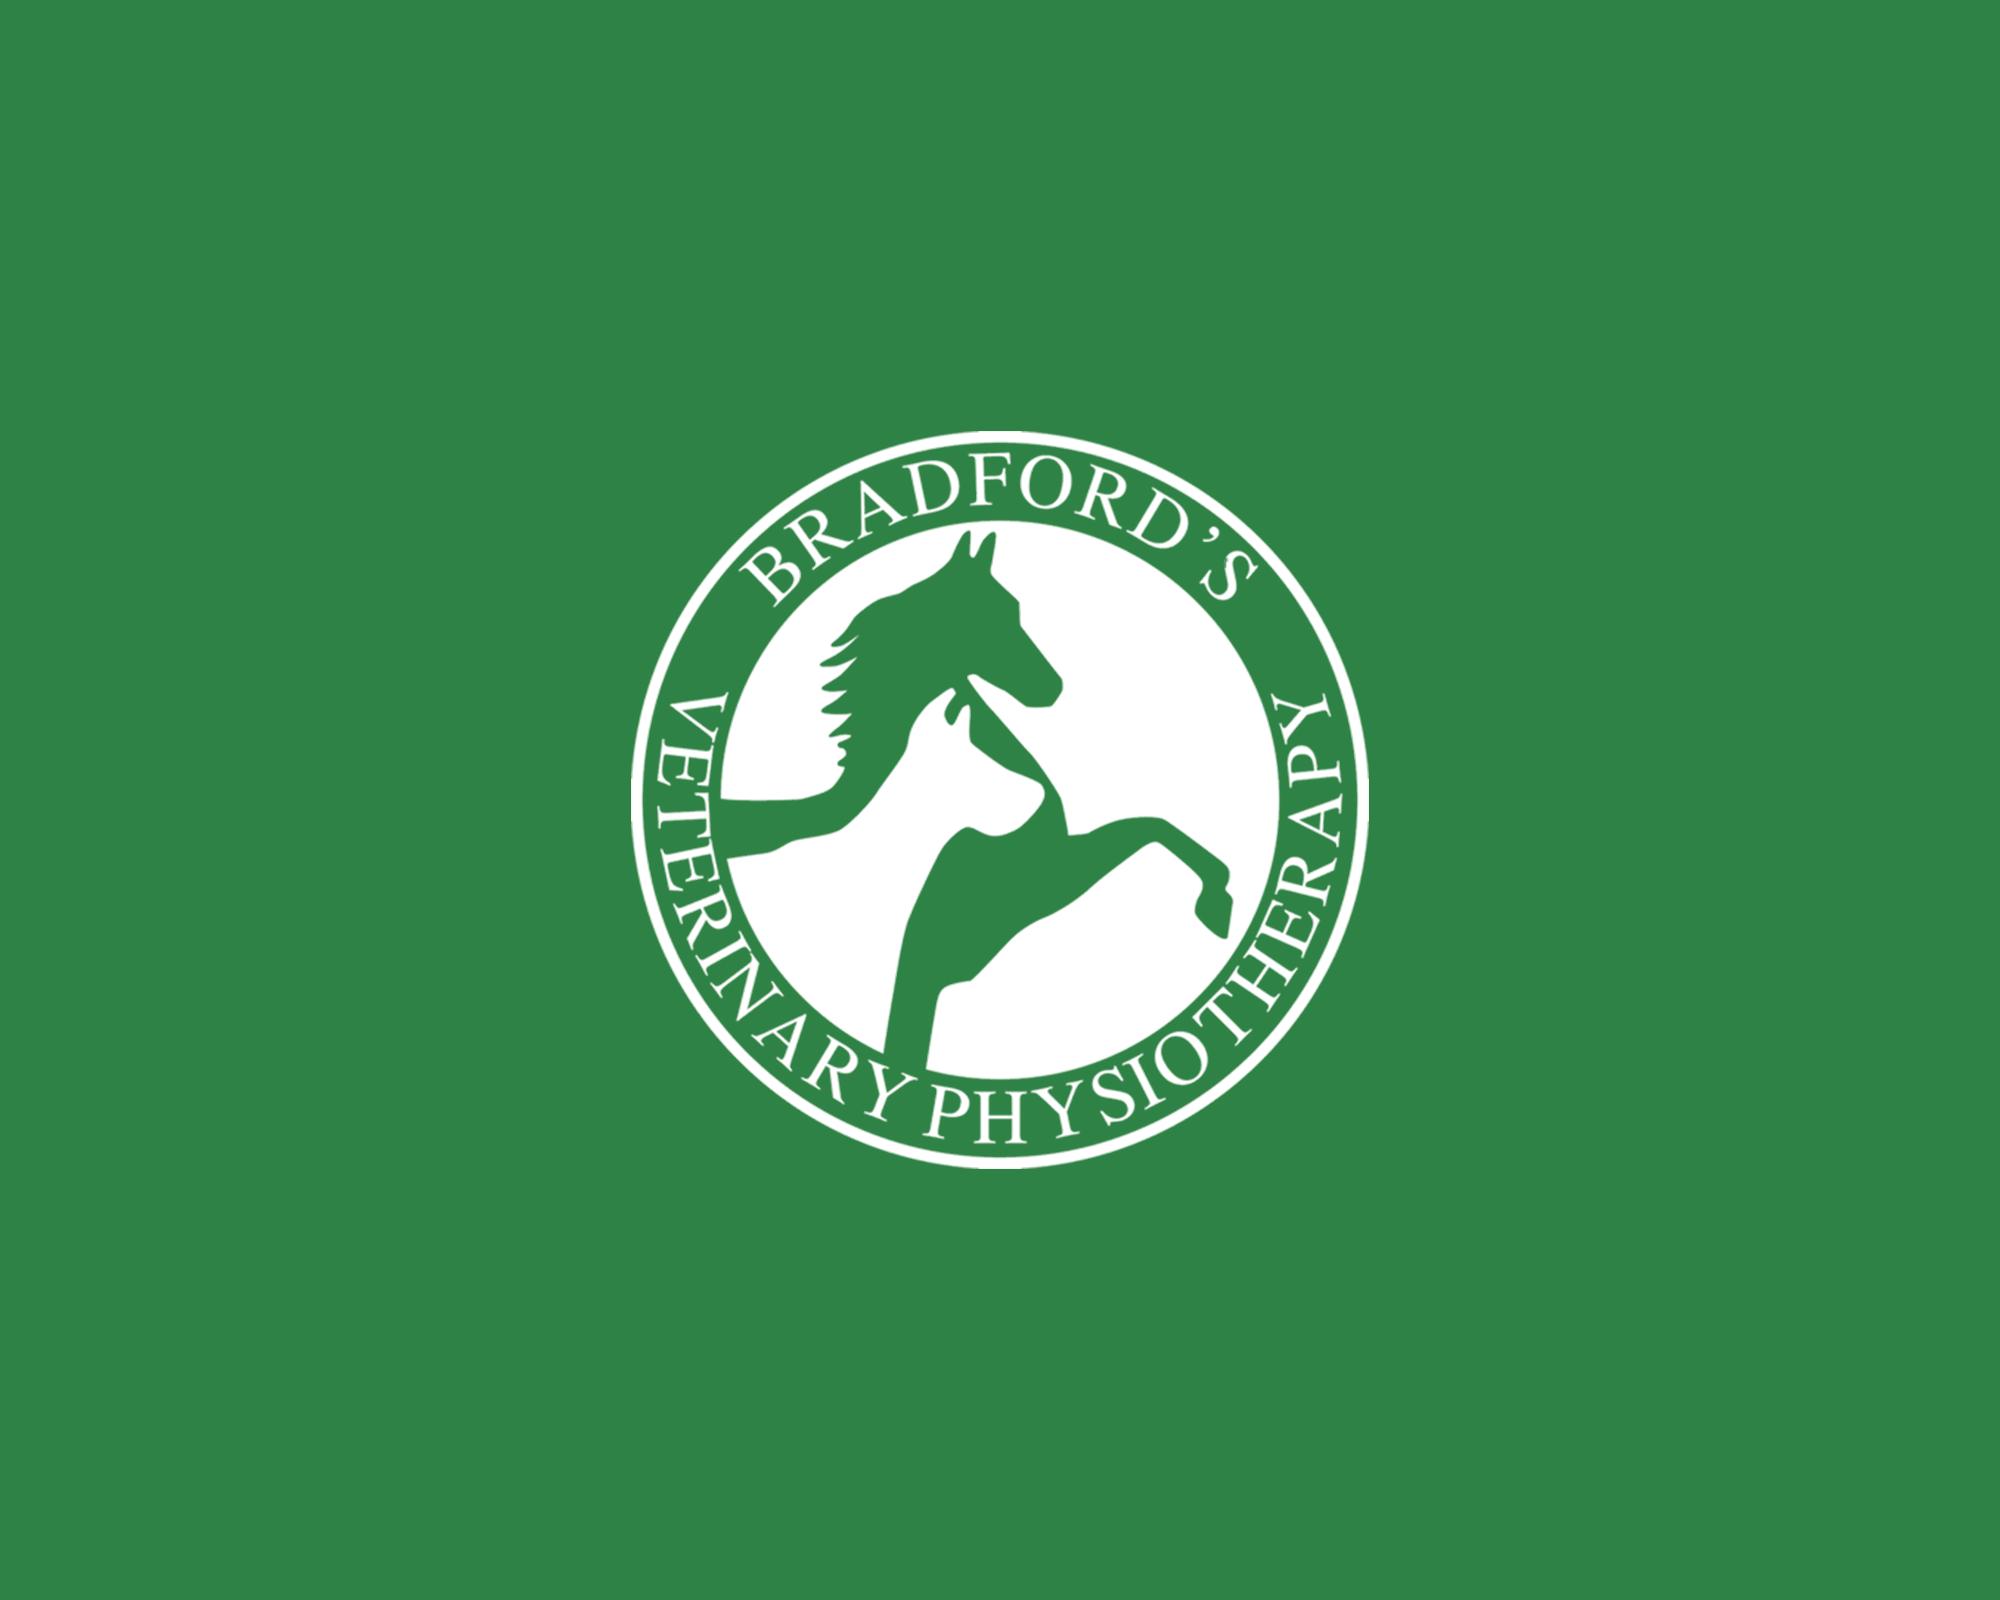 bradfords vet physio Logo